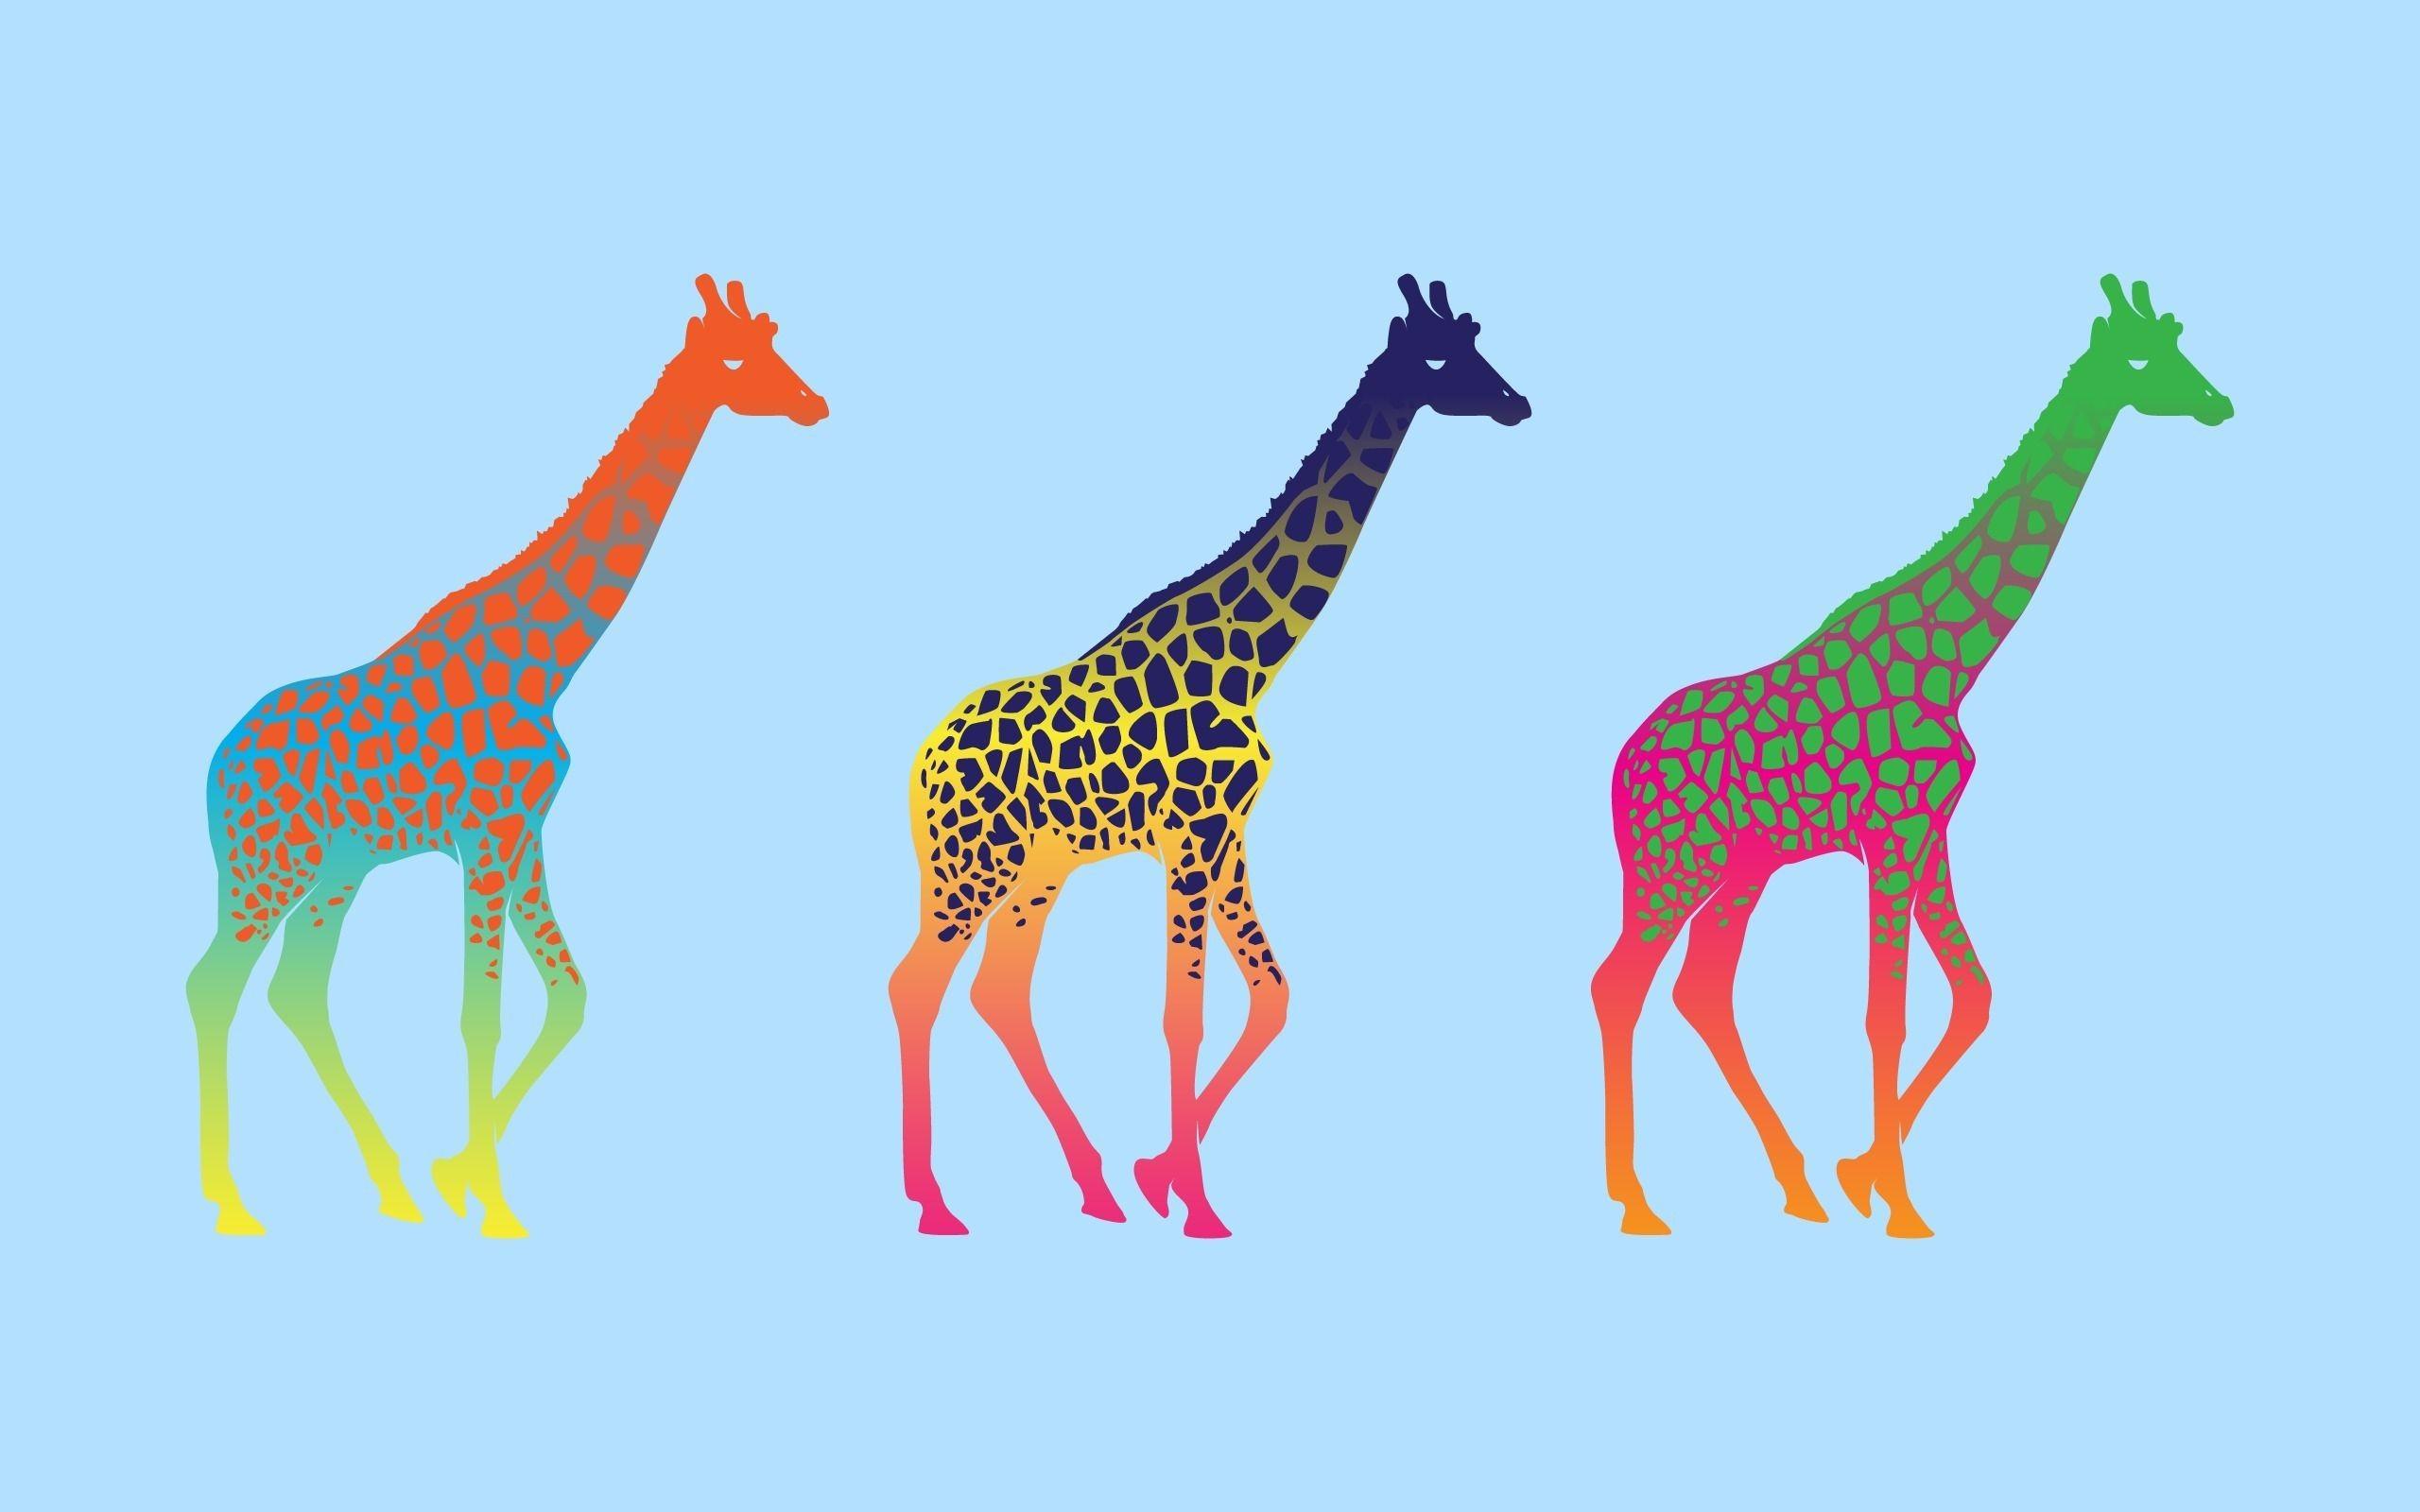 pop art desktop wallpaper 53 images